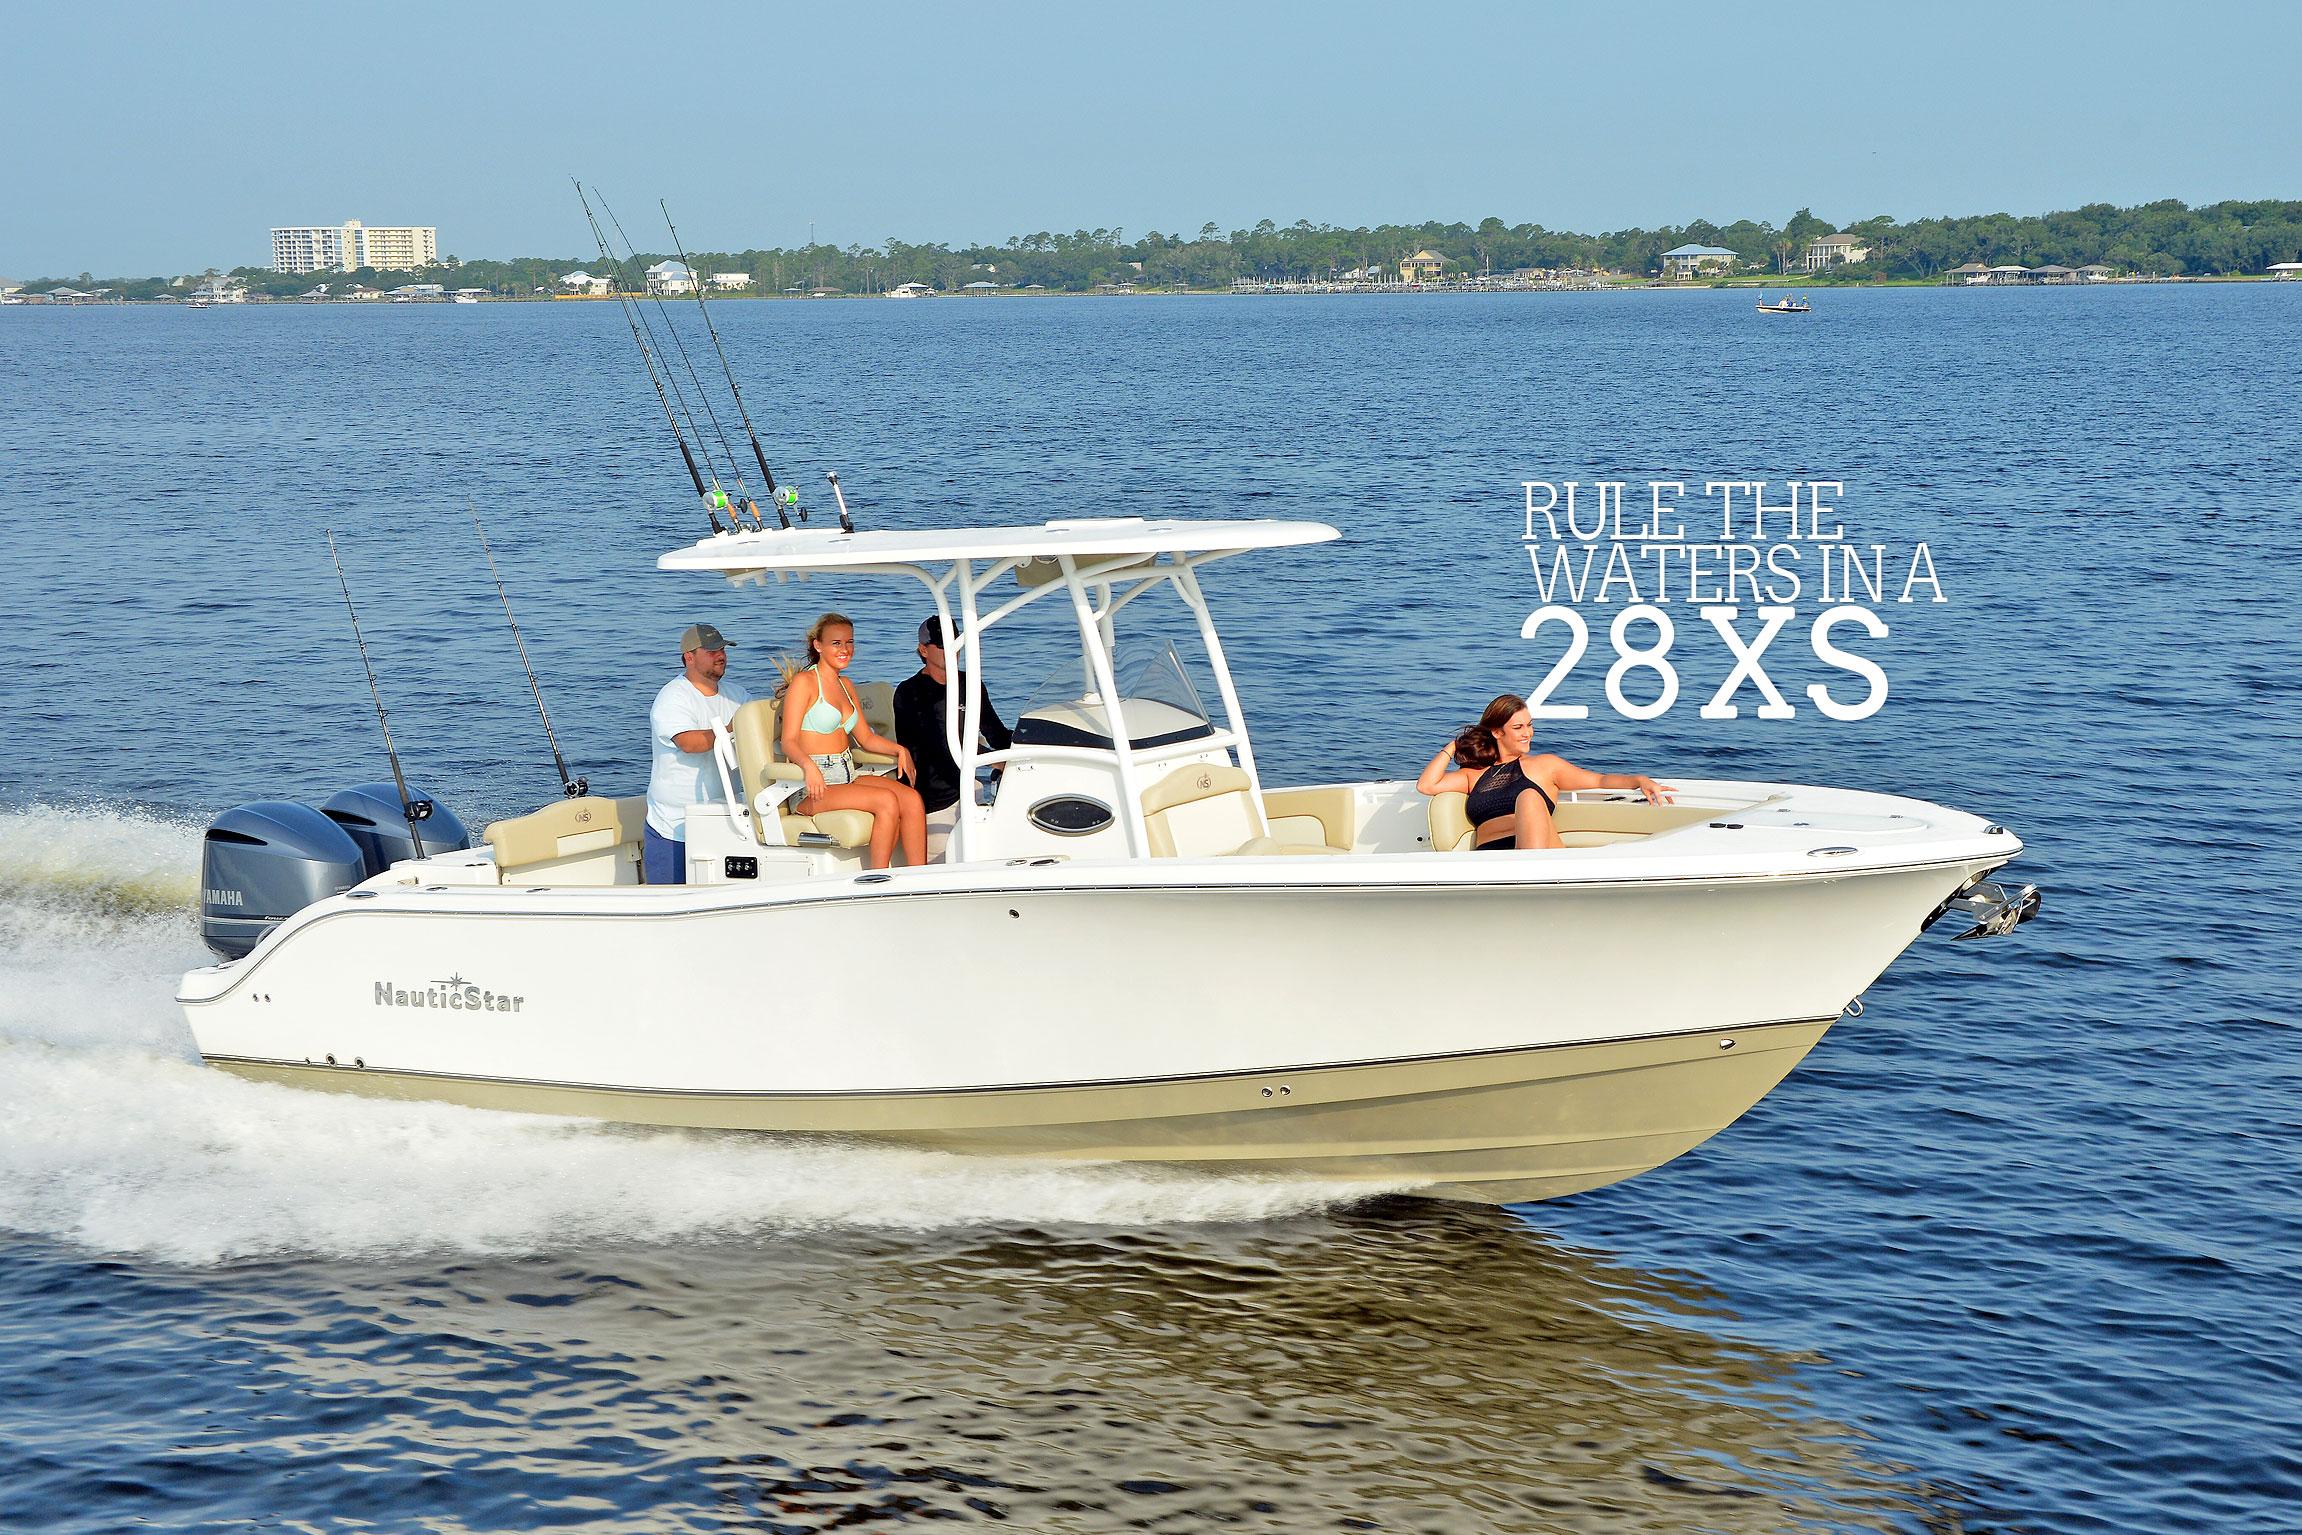 Picture Of A Boat - alic-e.me